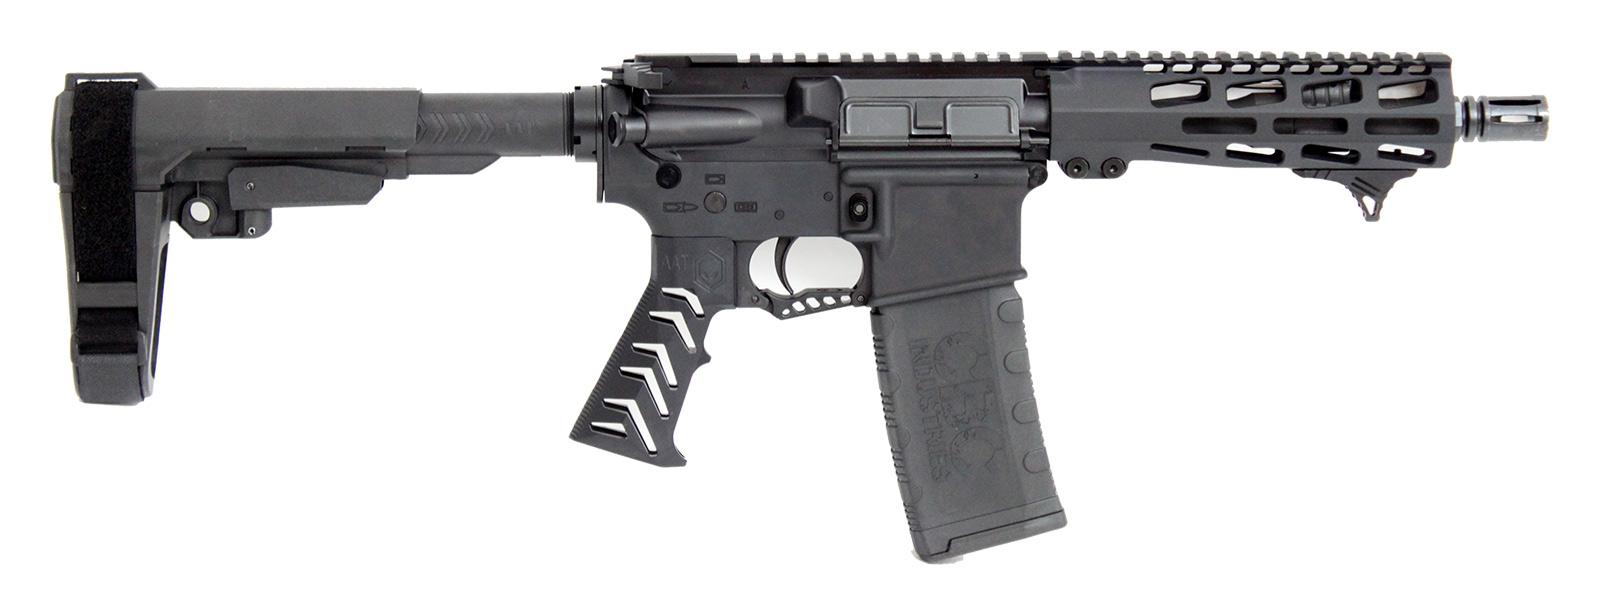 cbc-ps2-forged-aluminum-ar-pistol-alien-black-223-wylde-7-5″-barrel-m-lok-rail-sba3-brace